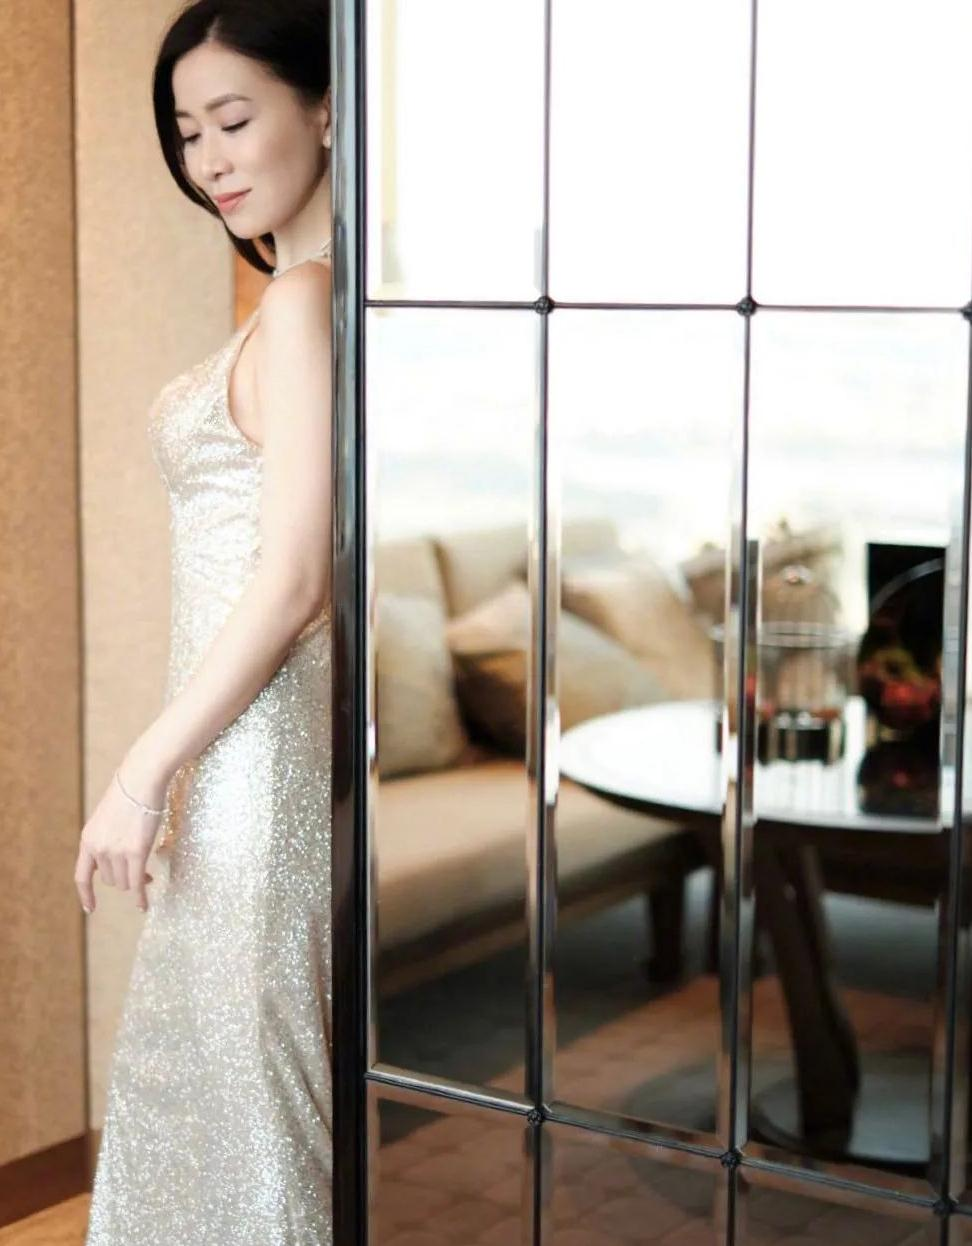 44岁佘诗曼真迷人!银河露背连衣裙秀婀娜身材,不比20岁姑娘差